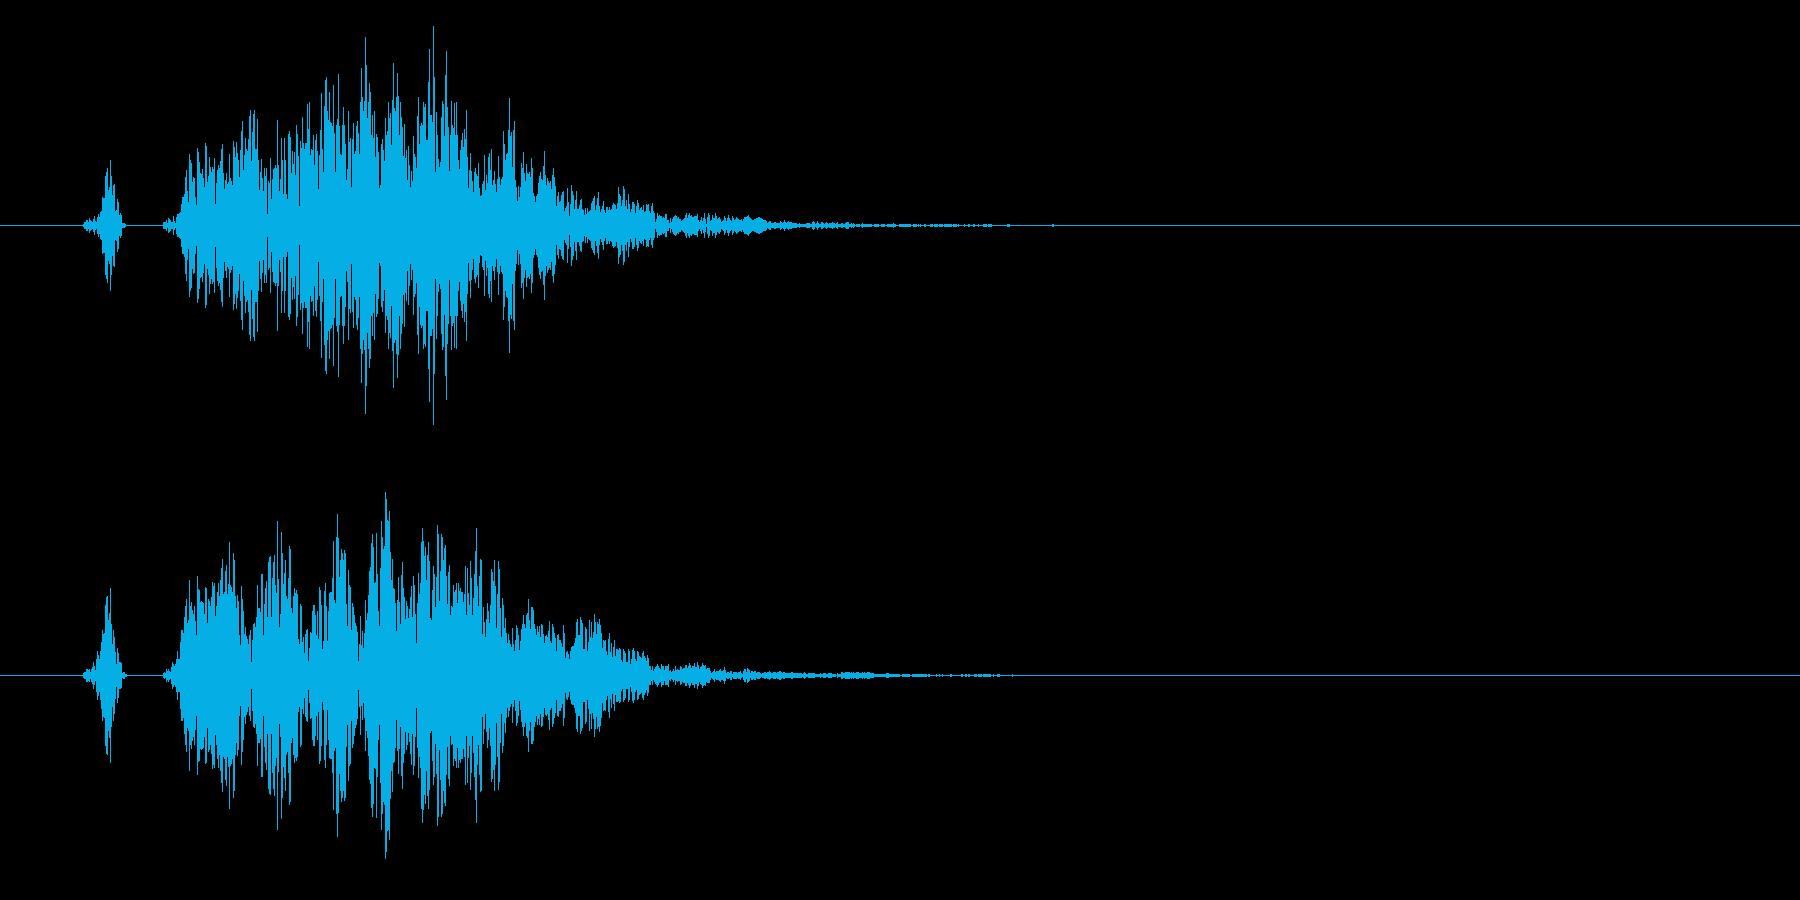 «プニ♪プイ»シンプルで可愛い演出に最適の再生済みの波形